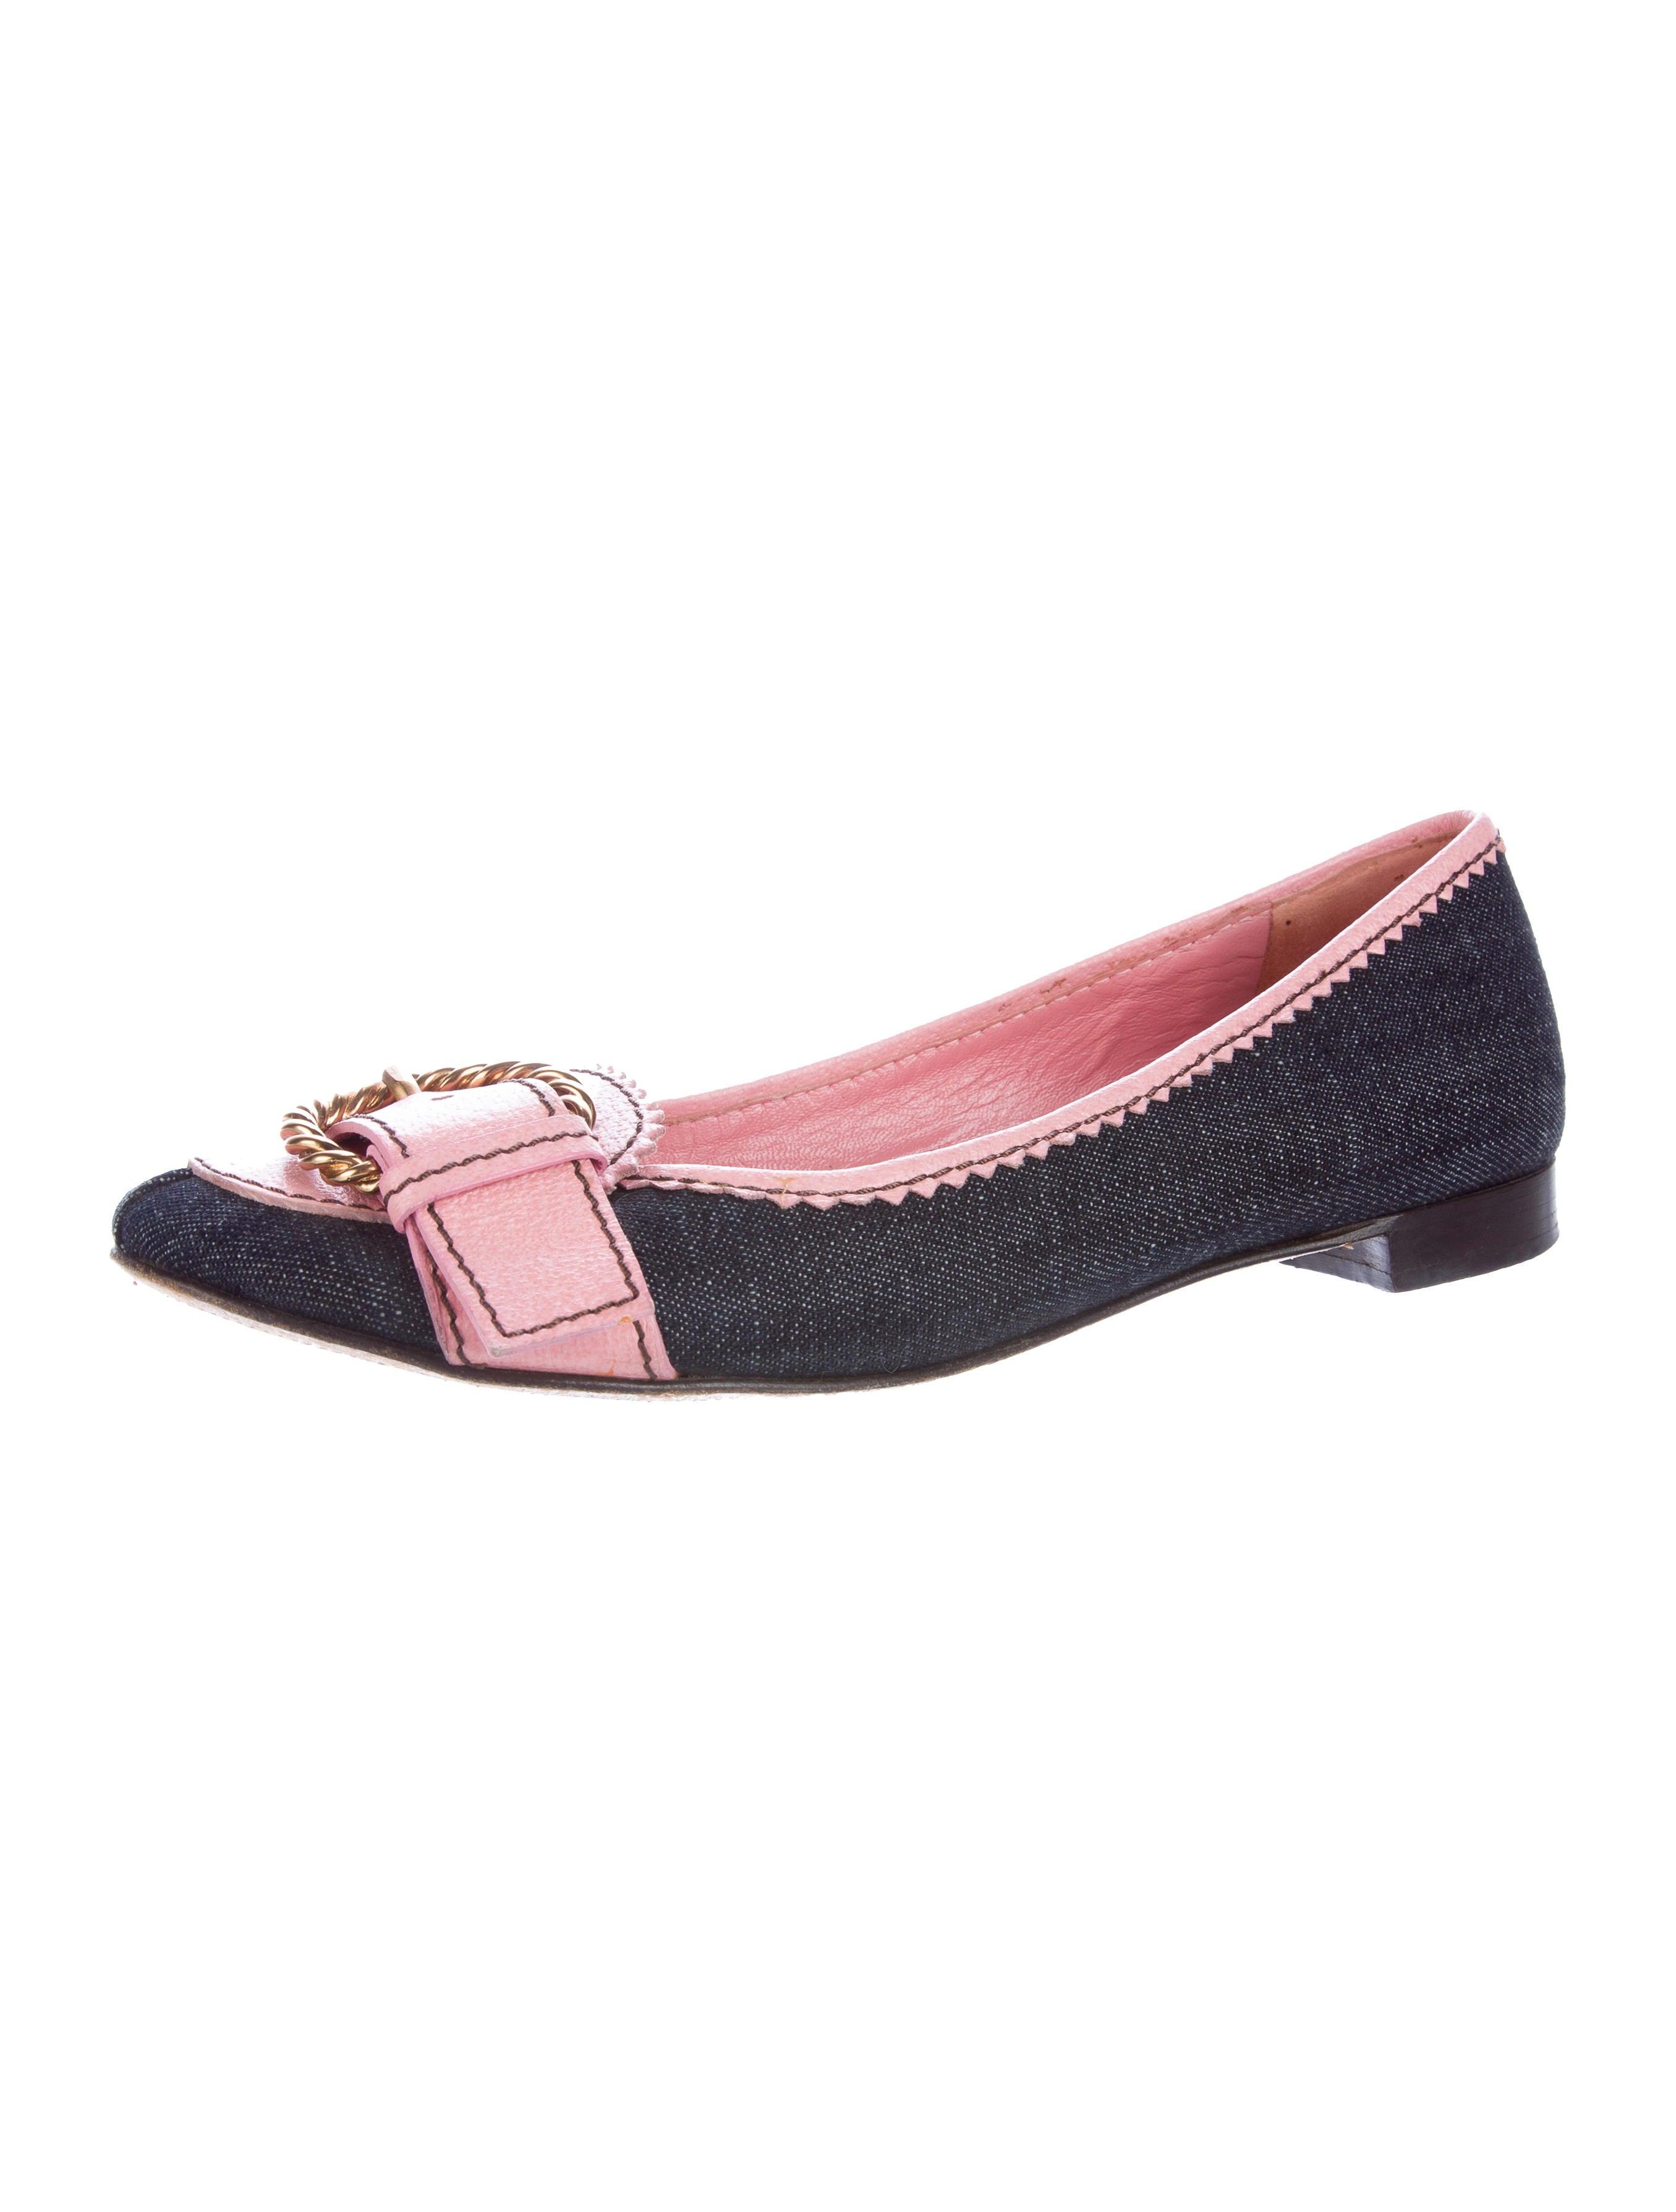 4b3df75338de Miu Miu Buckle-Embellished Denim Flats - Shoes - MIU48572